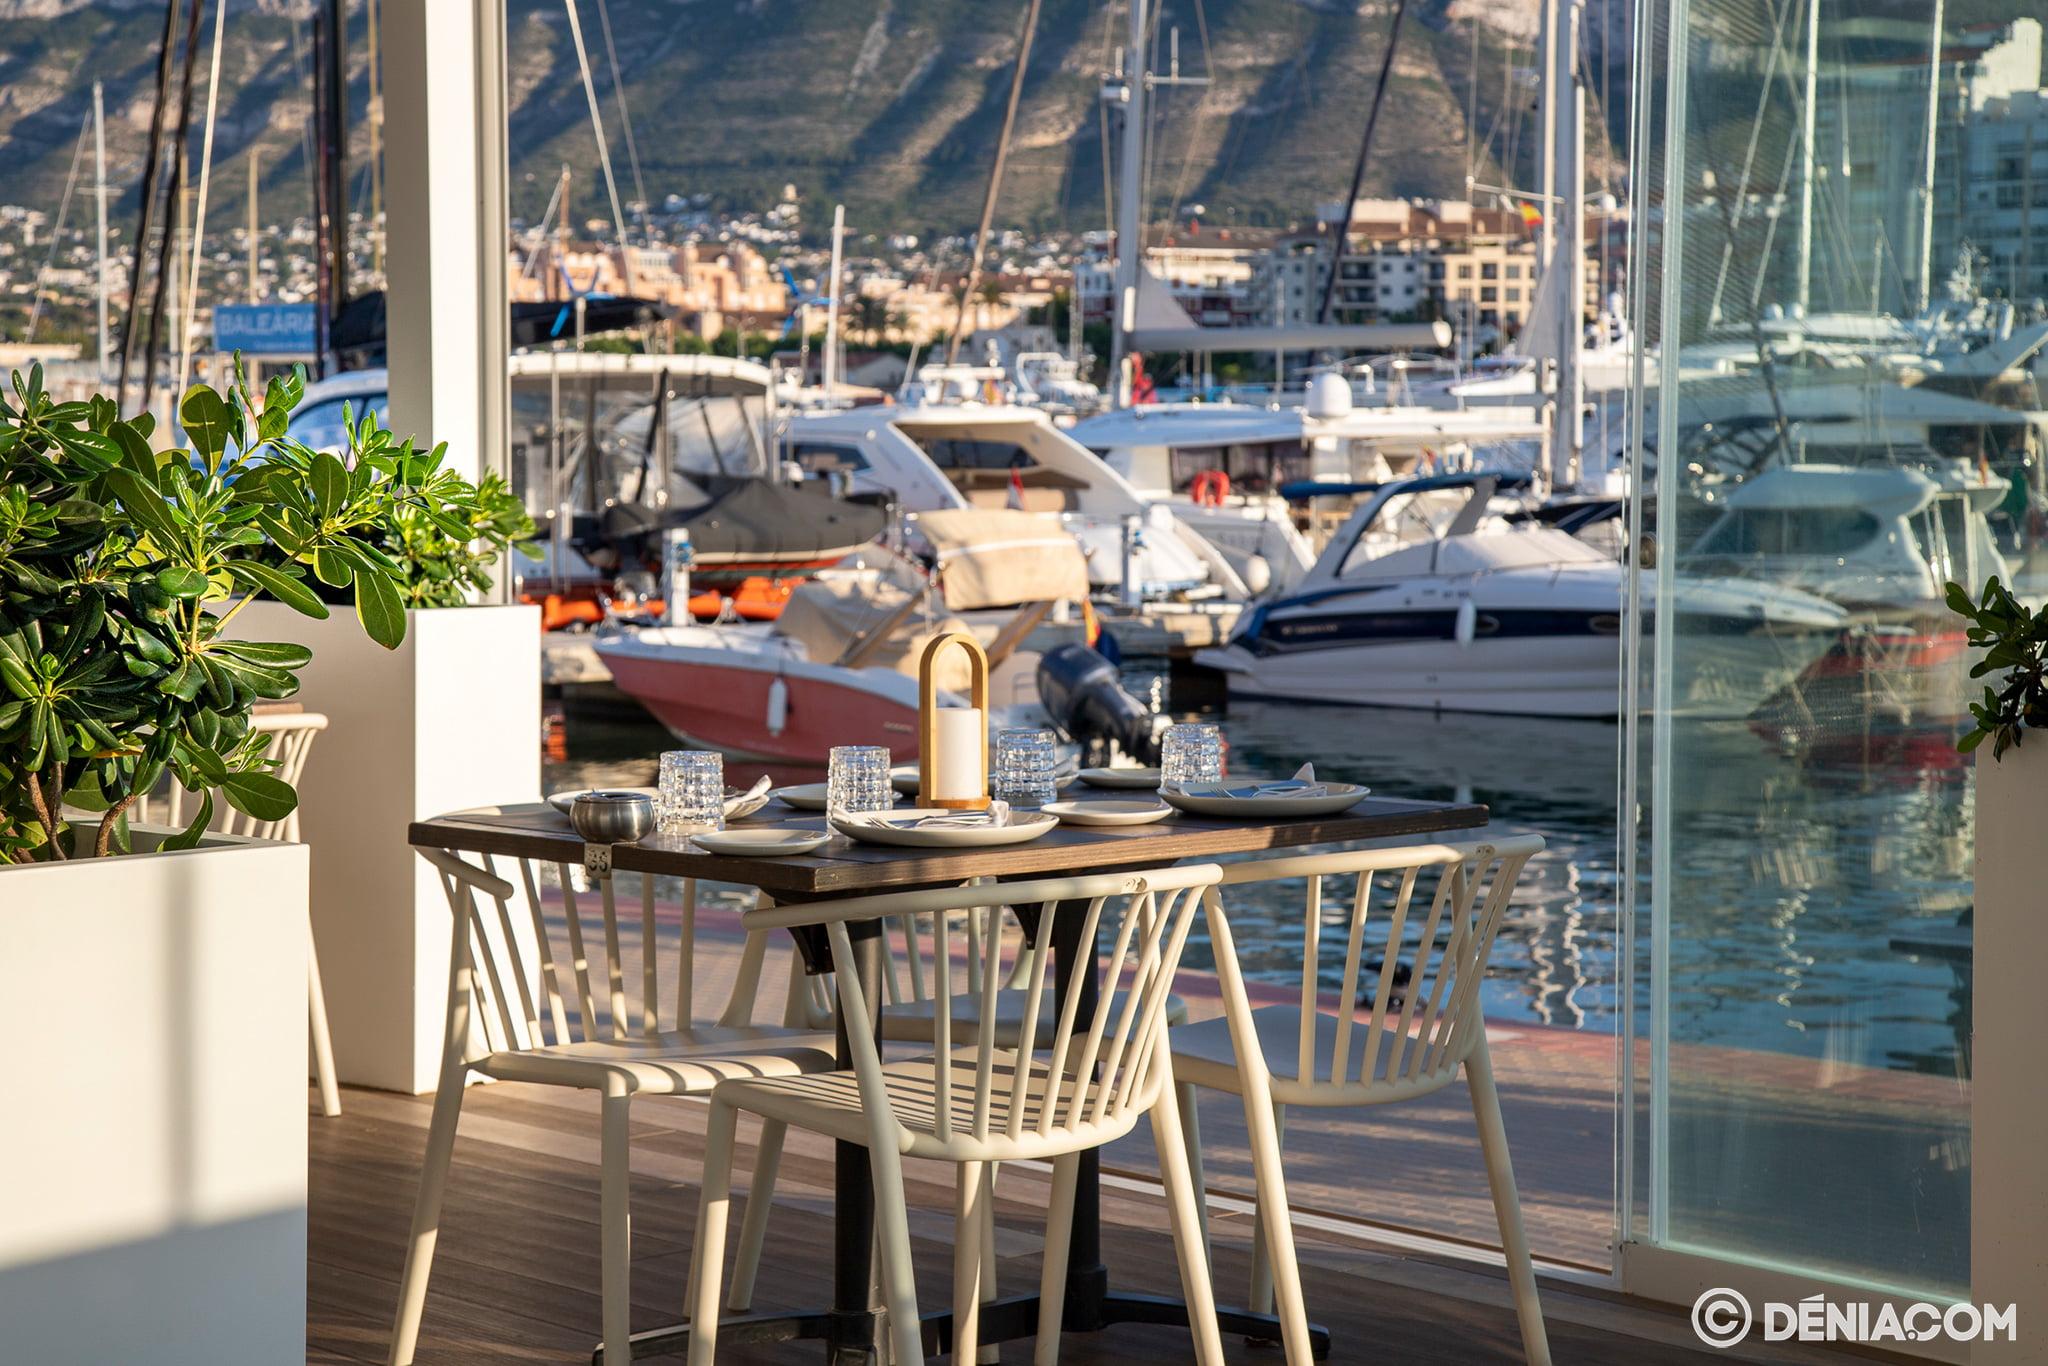 Restaurant Dénia - Pa Picar Una cosa